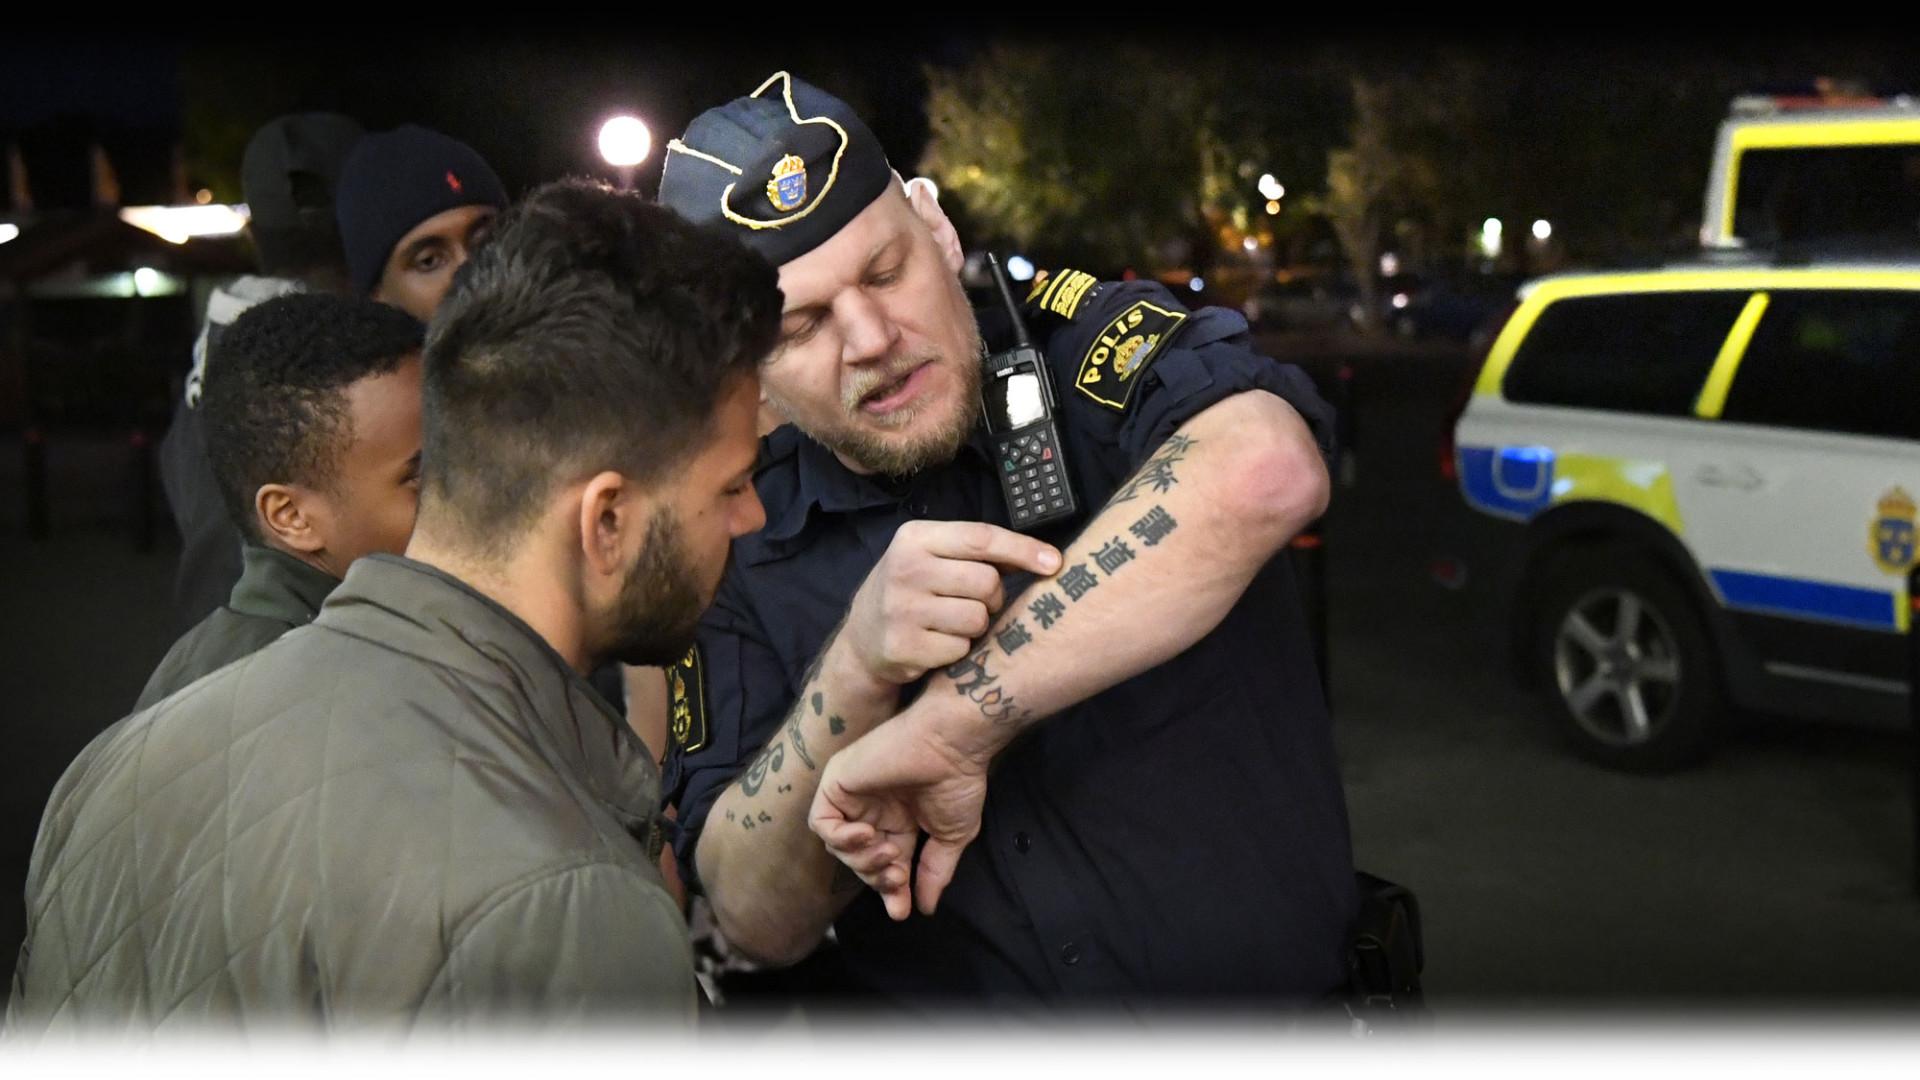 Korde av vagen nar han sag polis